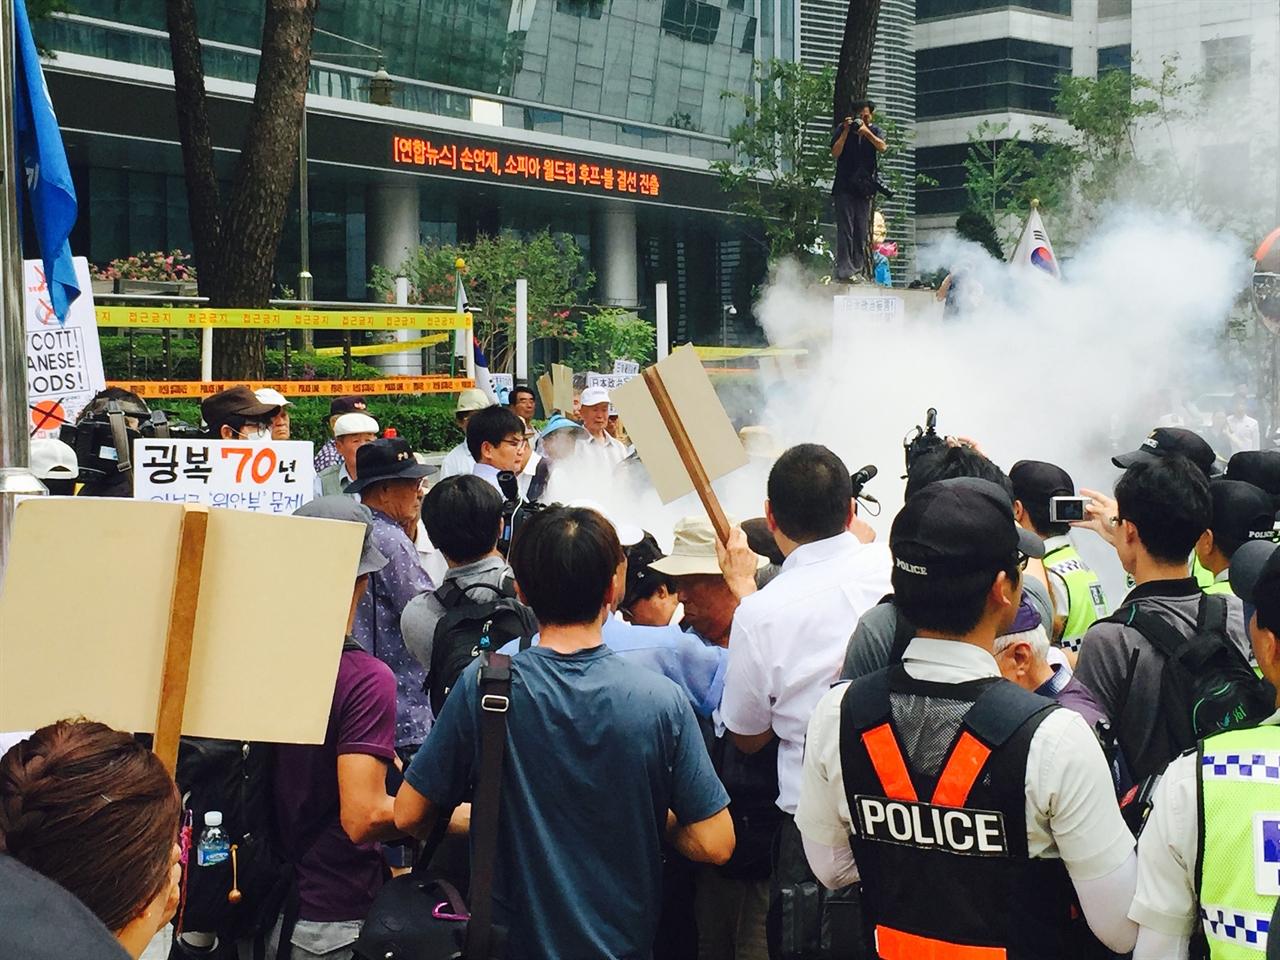 보수단체 집회가 벌어지는 가운데 희망나비 회원이 1인시위를 이어가고 있다.